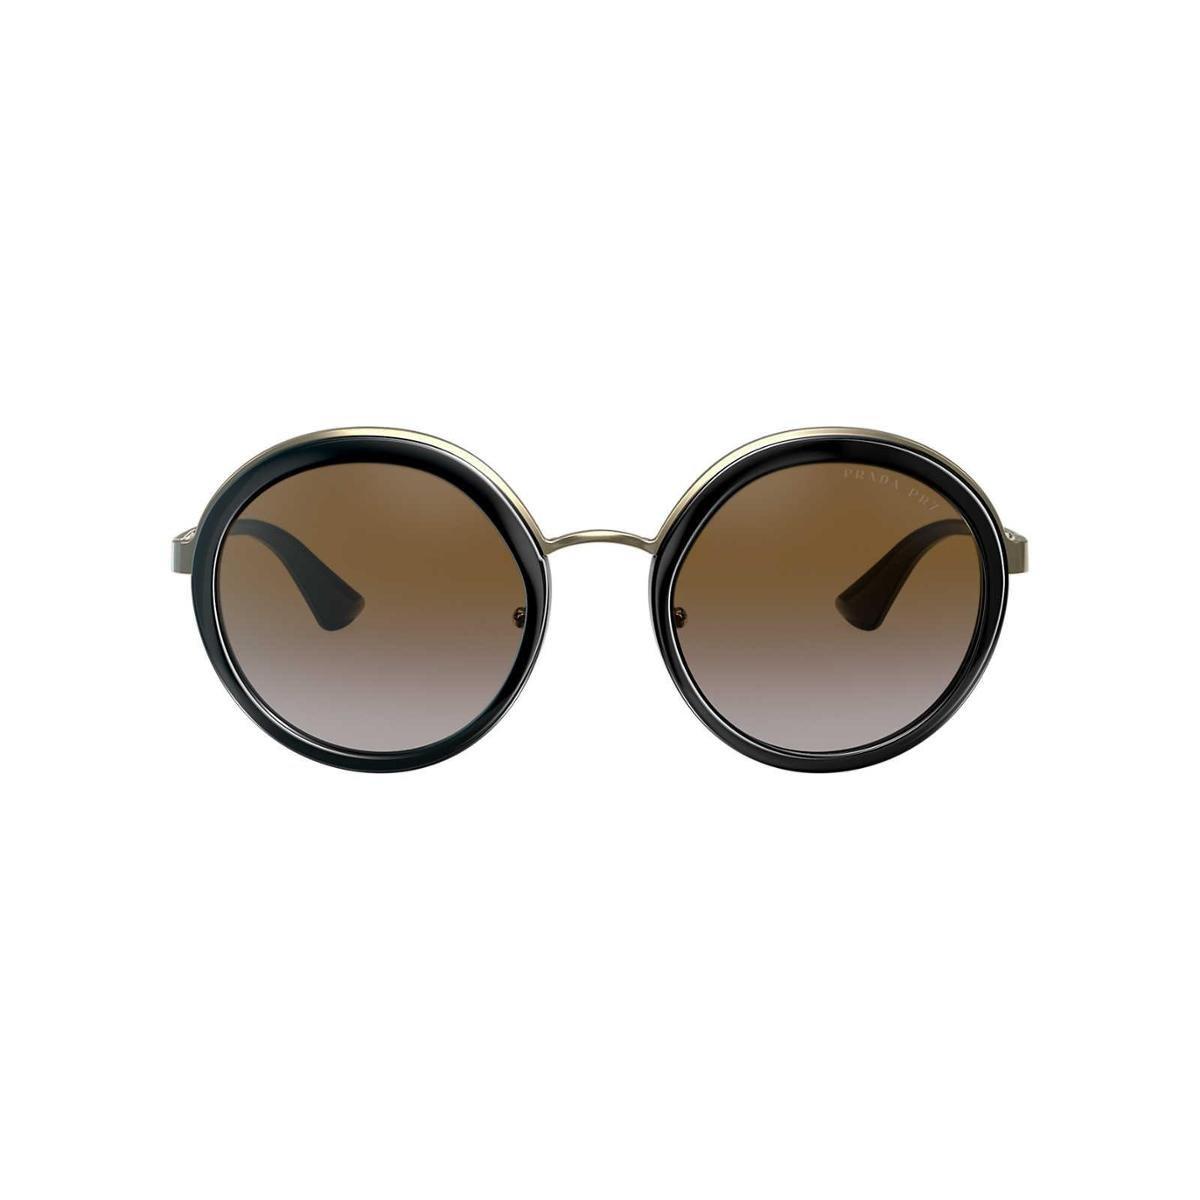 8a73551613c2e Óculos de Sol Prada Redondo PR 50TS Feminino - Compre Agora   Zattini